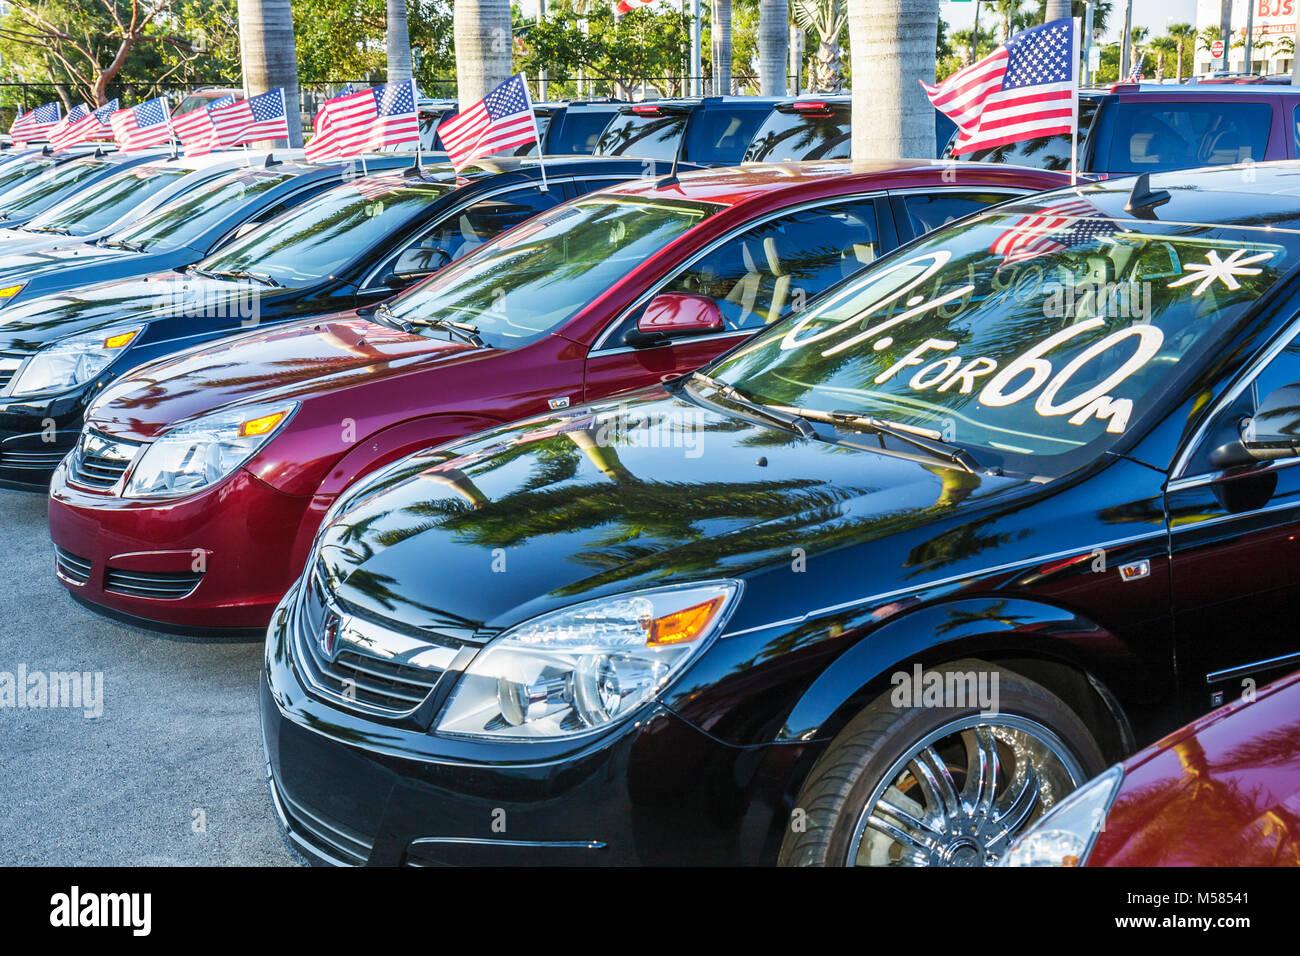 General motors dealership stock photos general motors for General motors new cars